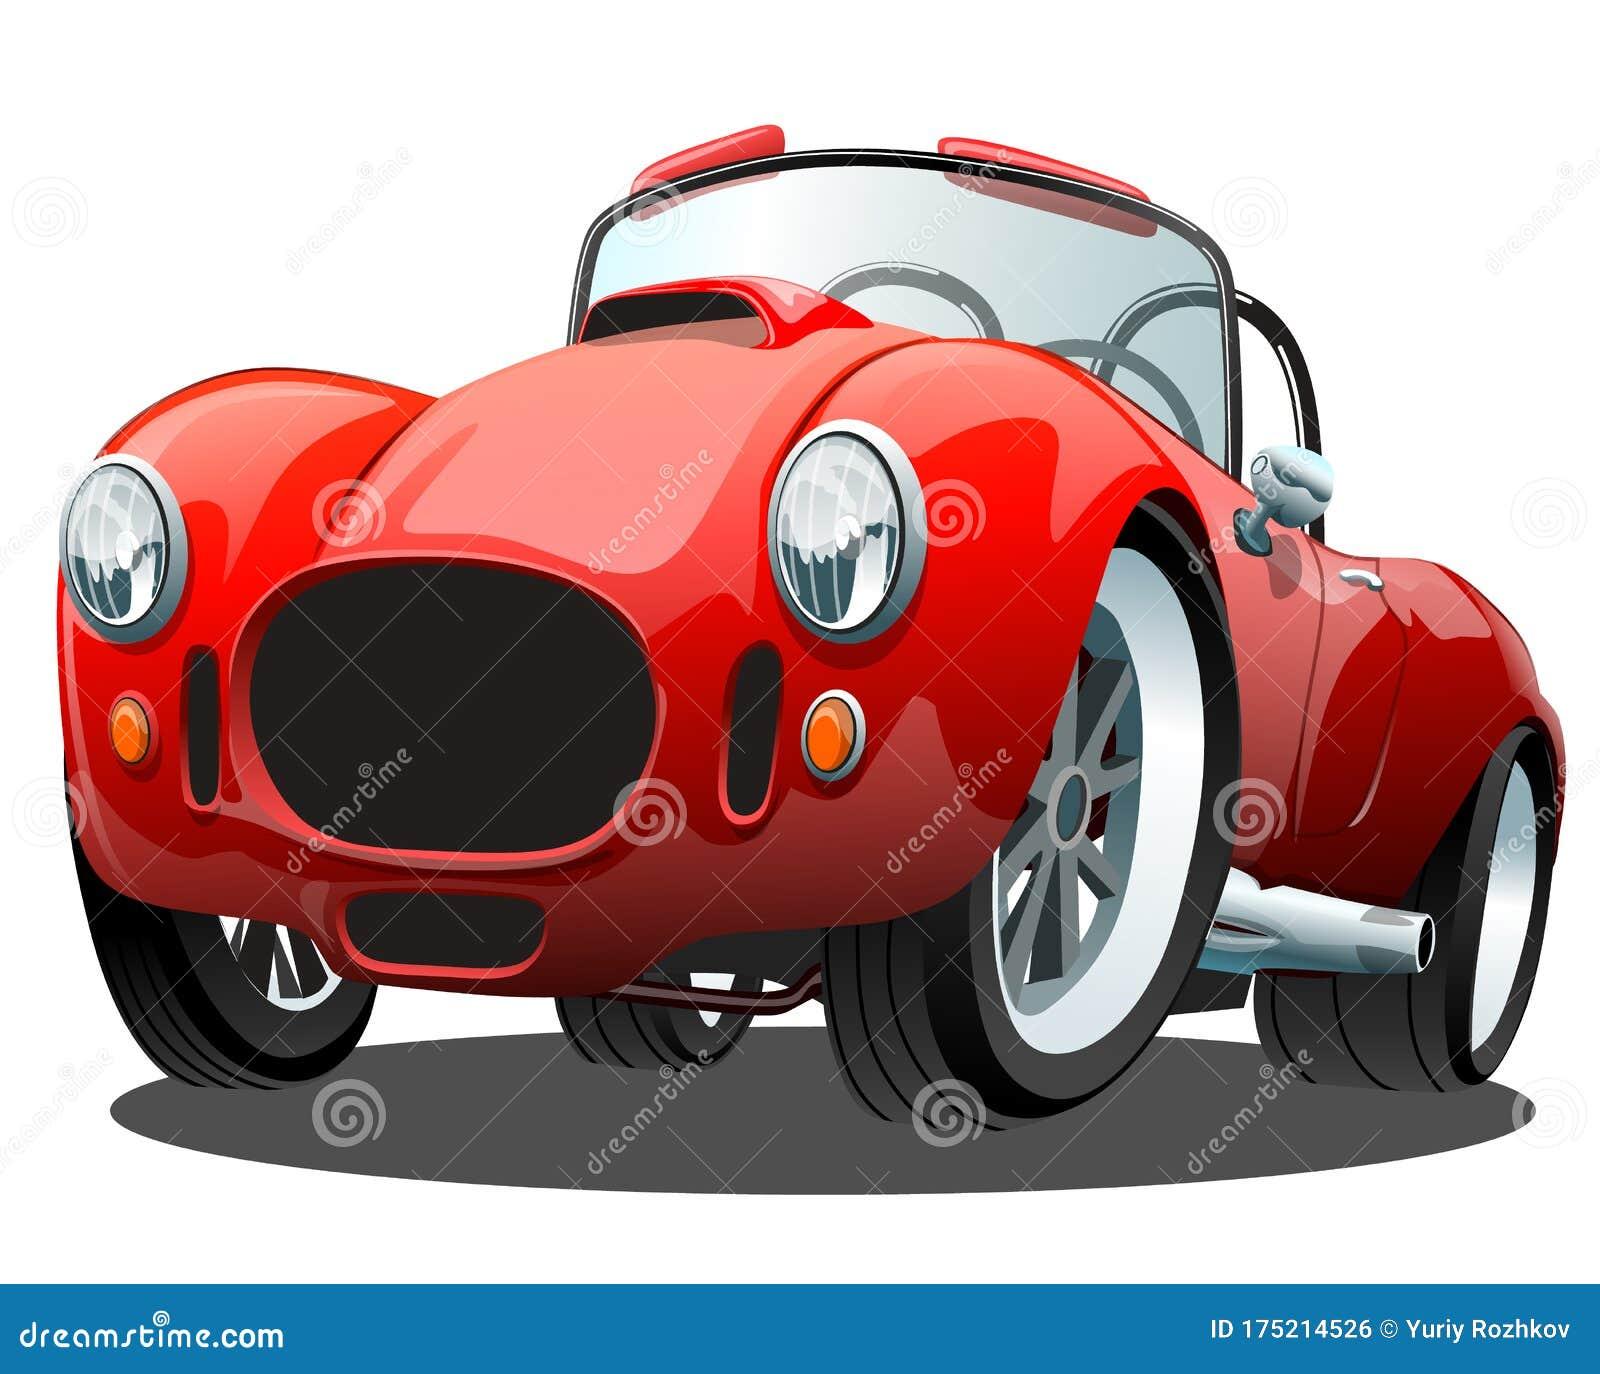 Red Convertible Car Cartoon Stock Illustrations 470 Red Convertible Car Cartoon Stock Illustrations Vectors Clipart Dreamstime